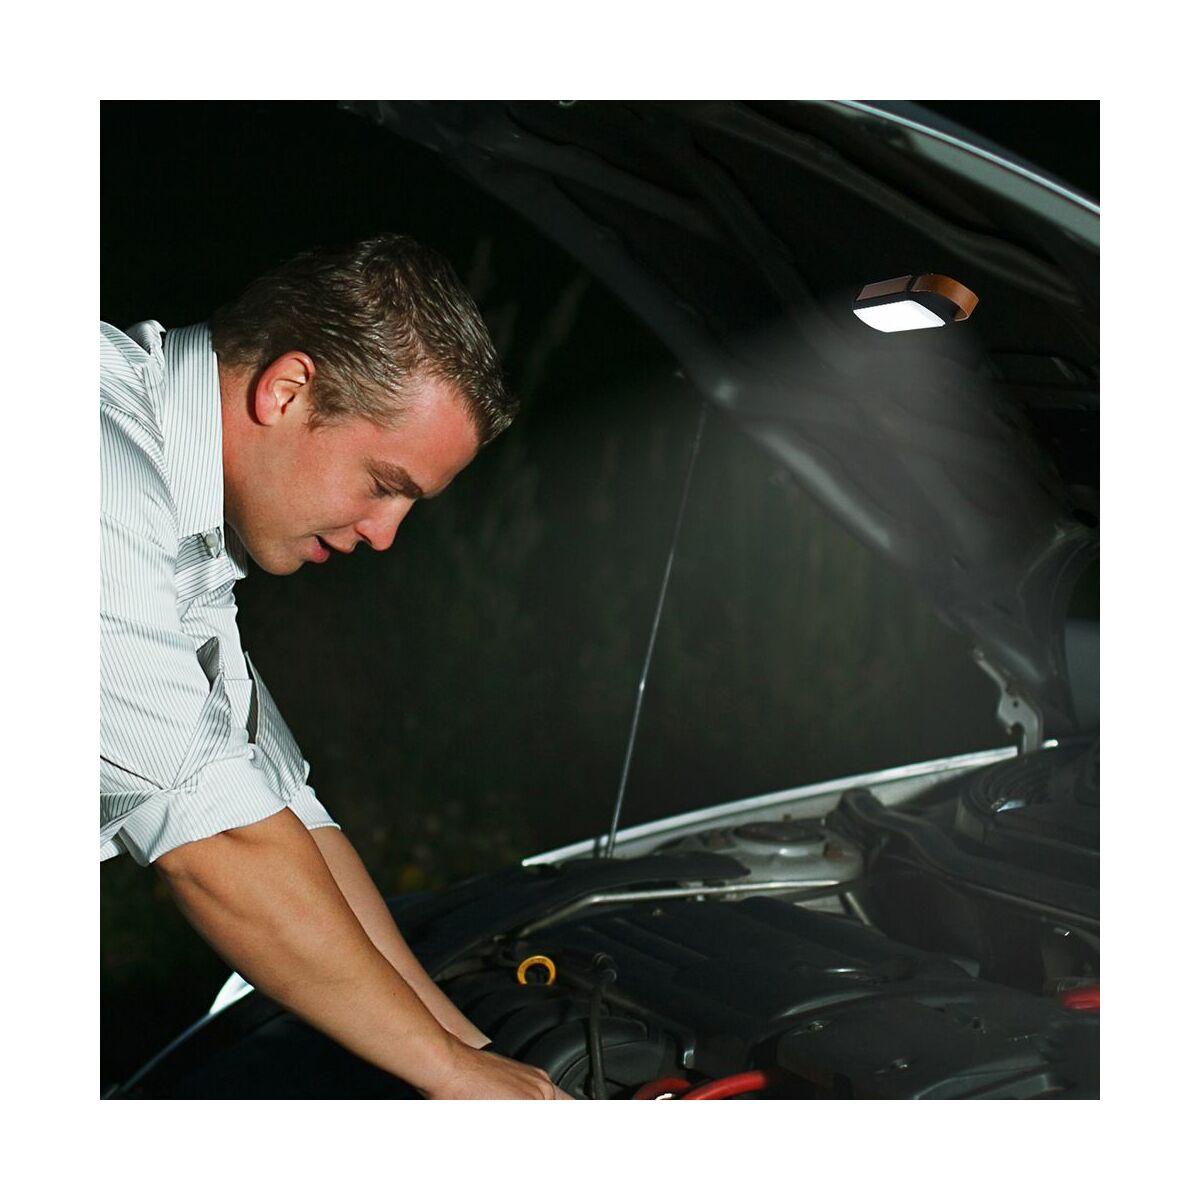 Baseus autós kiegészítő, Zseblámpa, napelemes, függeszthető, 1000 mAh beépített akkumulátorral, 2 óra működési idővel, fekete (CRYJD01-01)